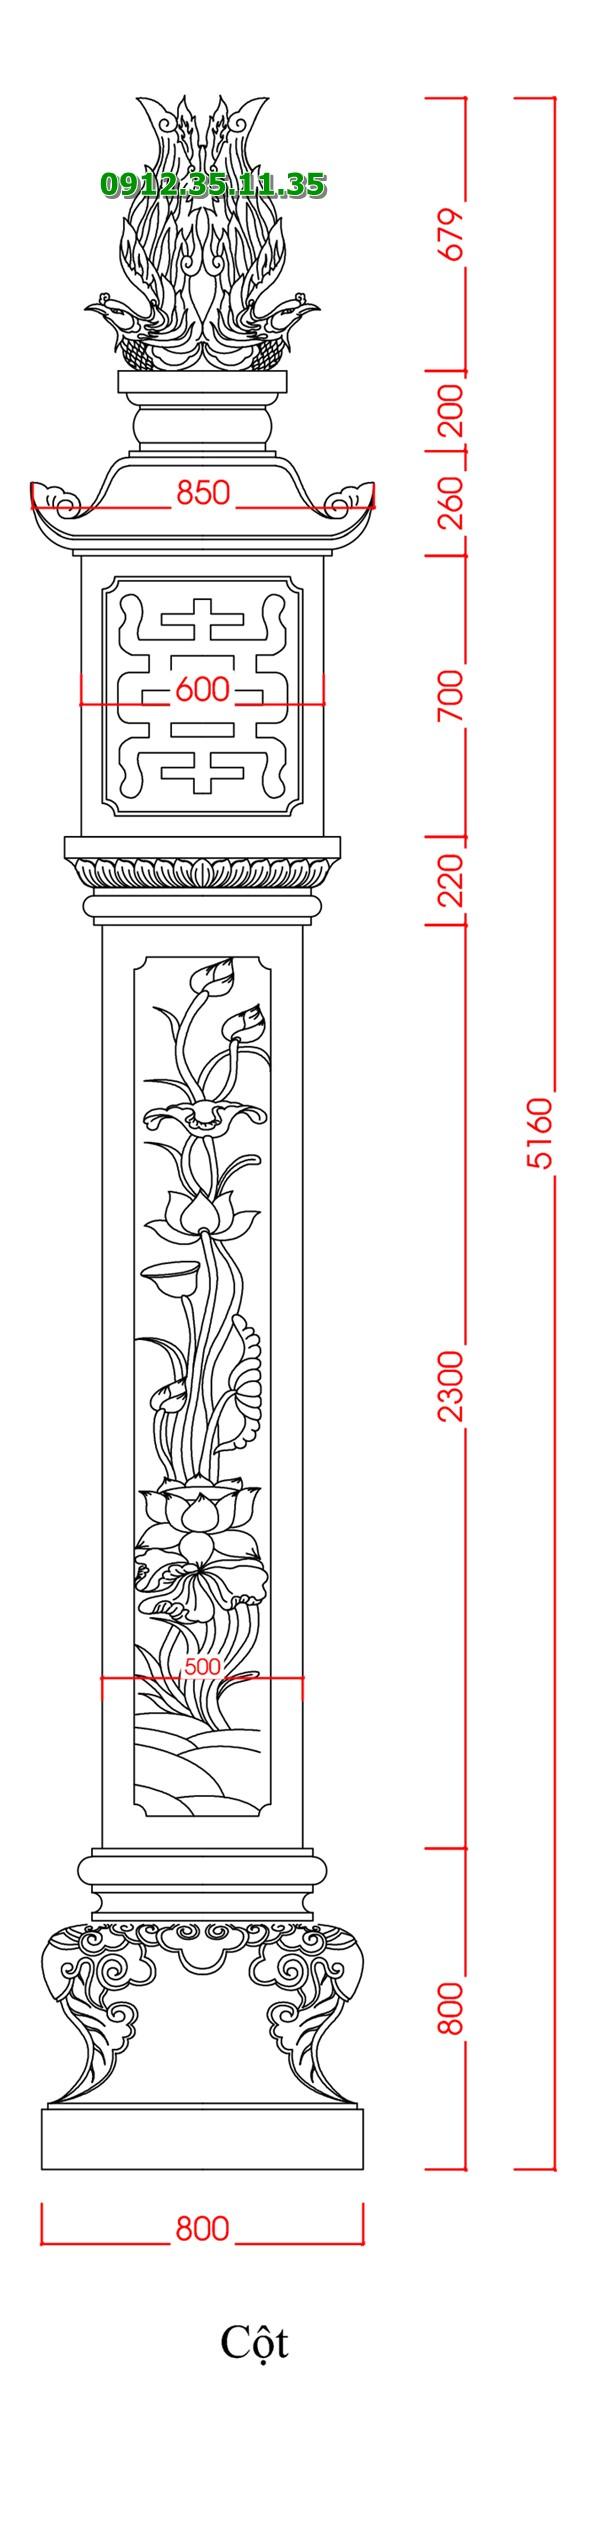 bản vẽ thiết kế chi tiết cột đồng trụ nhà thờ họ